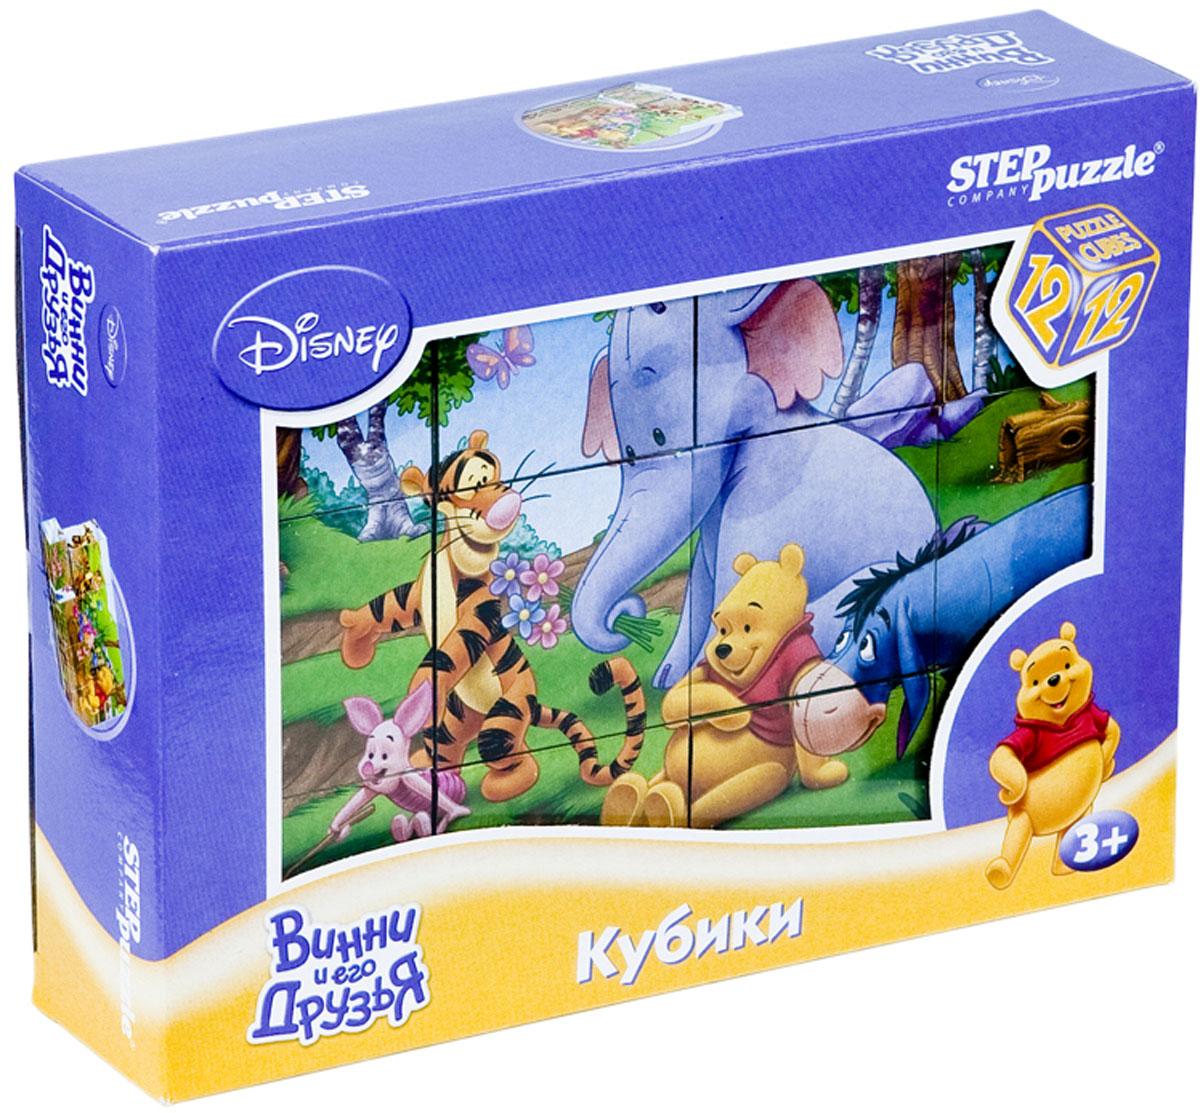 Step Puzzle Кубики Винни и его друзья87155С помощью кубиков Step Puzzle Винни и его друзья ребенок сможет собрать целых шесть красочных картинок с любимыми героями мультсериала о Винни Пухе. Наборы из 12 кубиков - для тех, кто освоил навык сборки картинки из 9 кубиков. Заложенный дидактический принцип От простого к сложному позволит ребёнку поверить свои силы. А герои популярных мультфильмов сделают кубики любимой игрушкой. Игра с кубиками развивает зрительное восприятие, наблюдательность, мелкую моторику рук и произвольные движения. Ребенок научится складывать целостный образ из частей, определять недостающие детали изображения. Это прекрасный комплект для развлечения и времяпрепровождения с пользой для малыша.